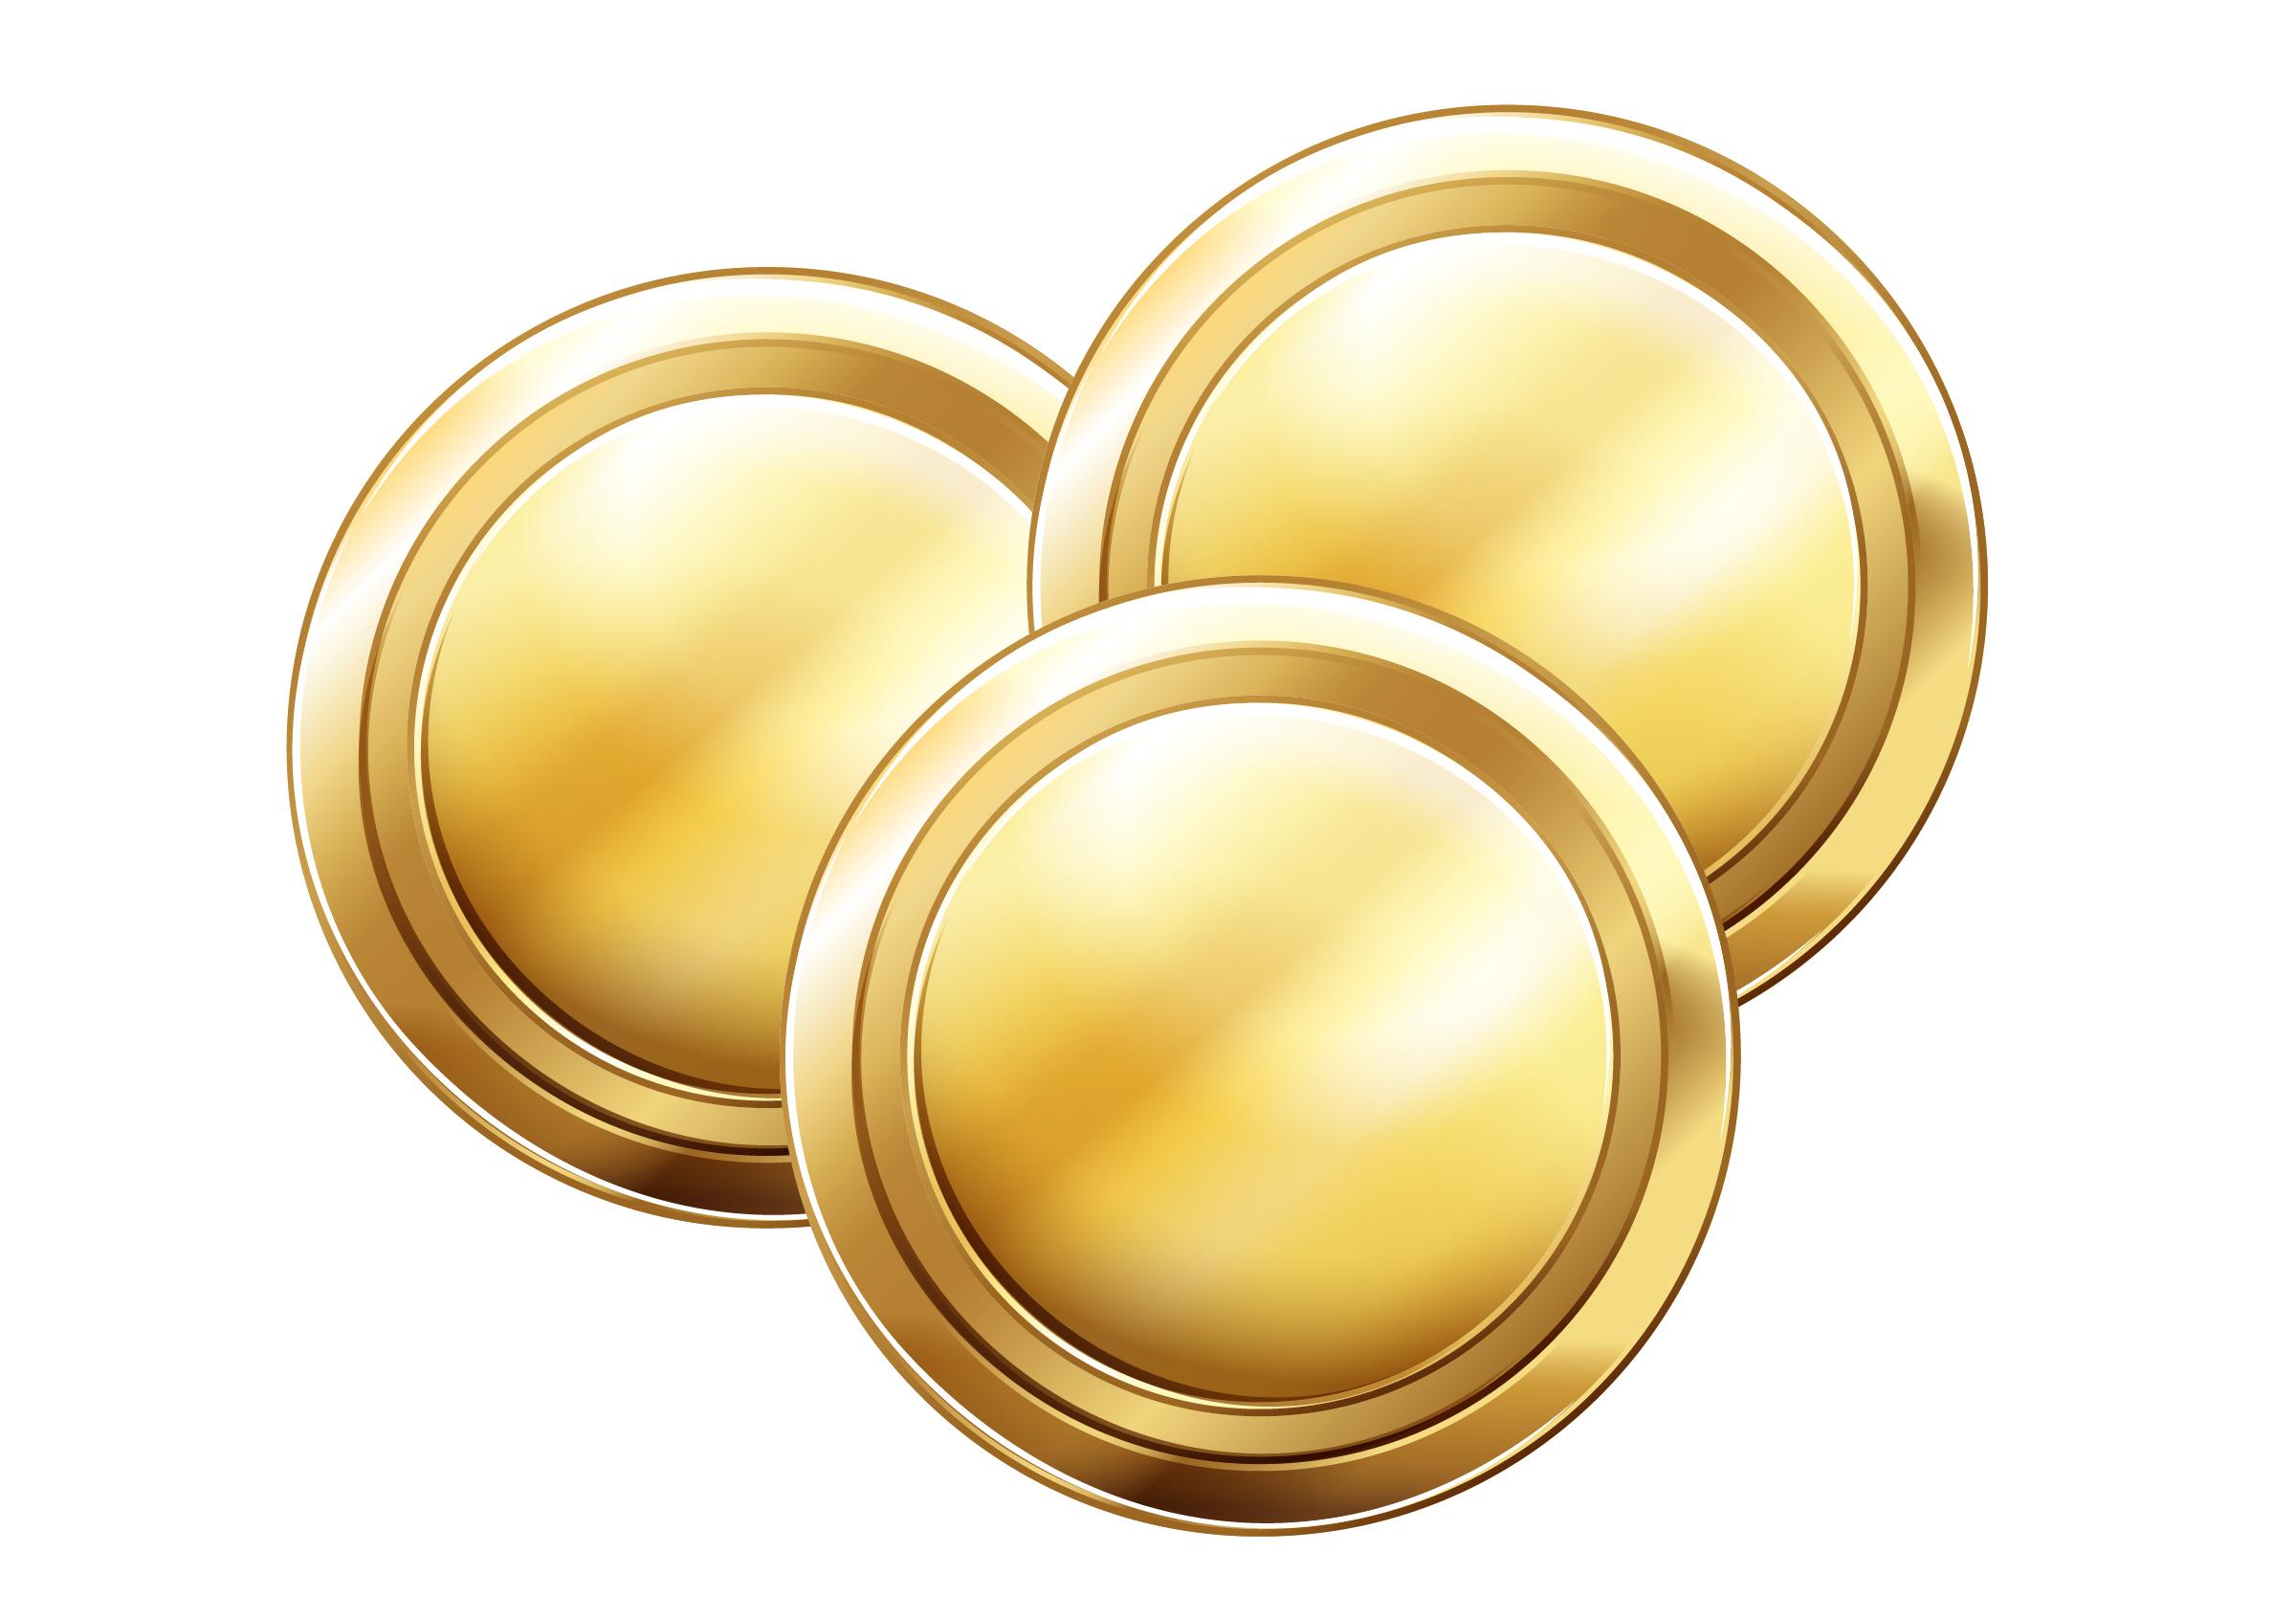 Diese Münze gibt es für Pflegekräfte